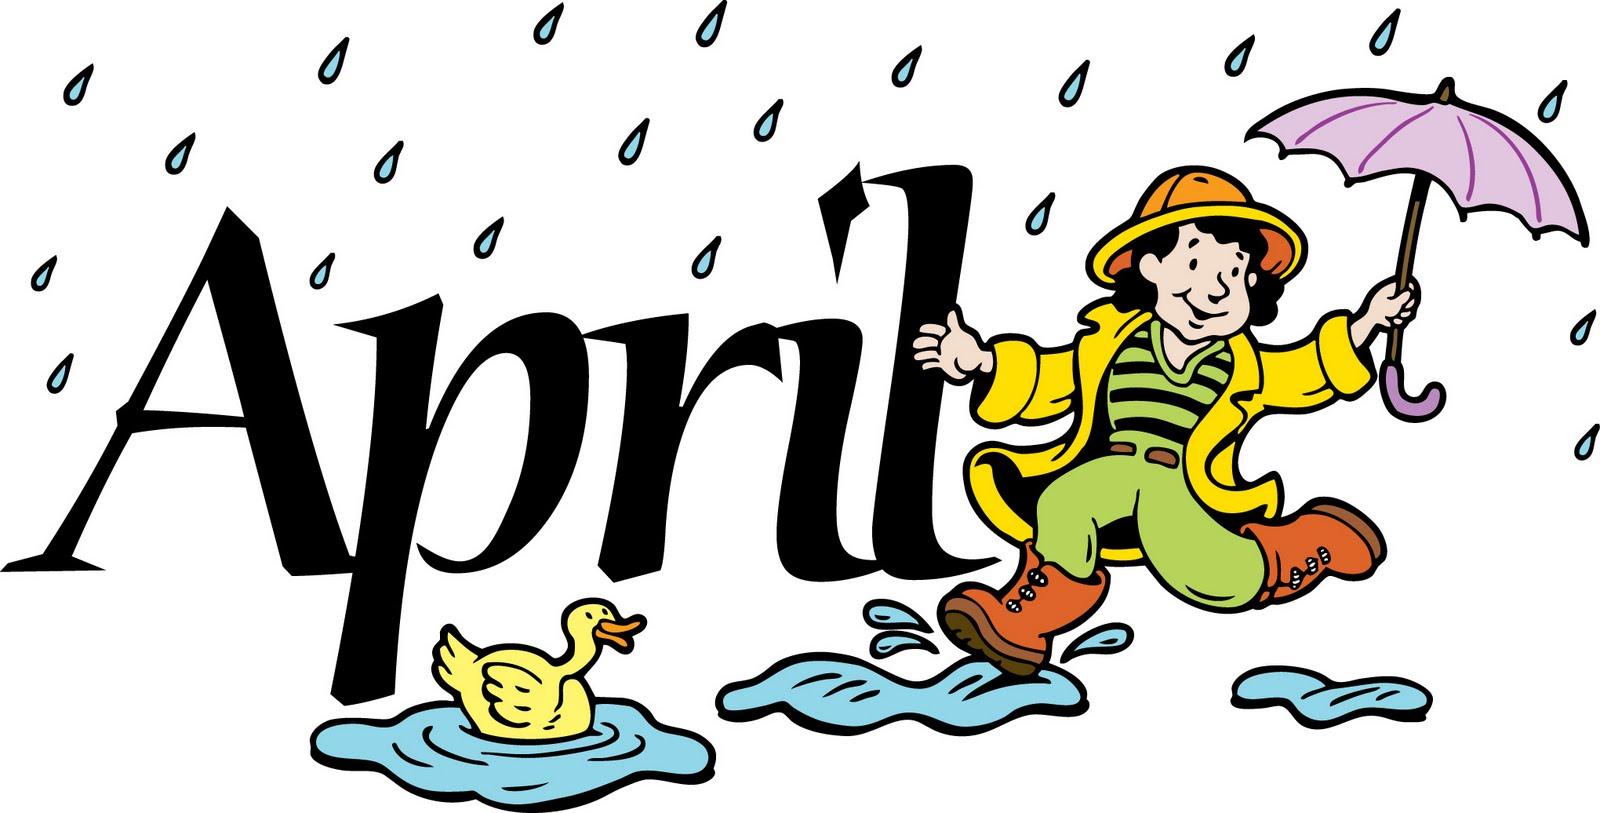 April clipart 1 » Clipart Station.